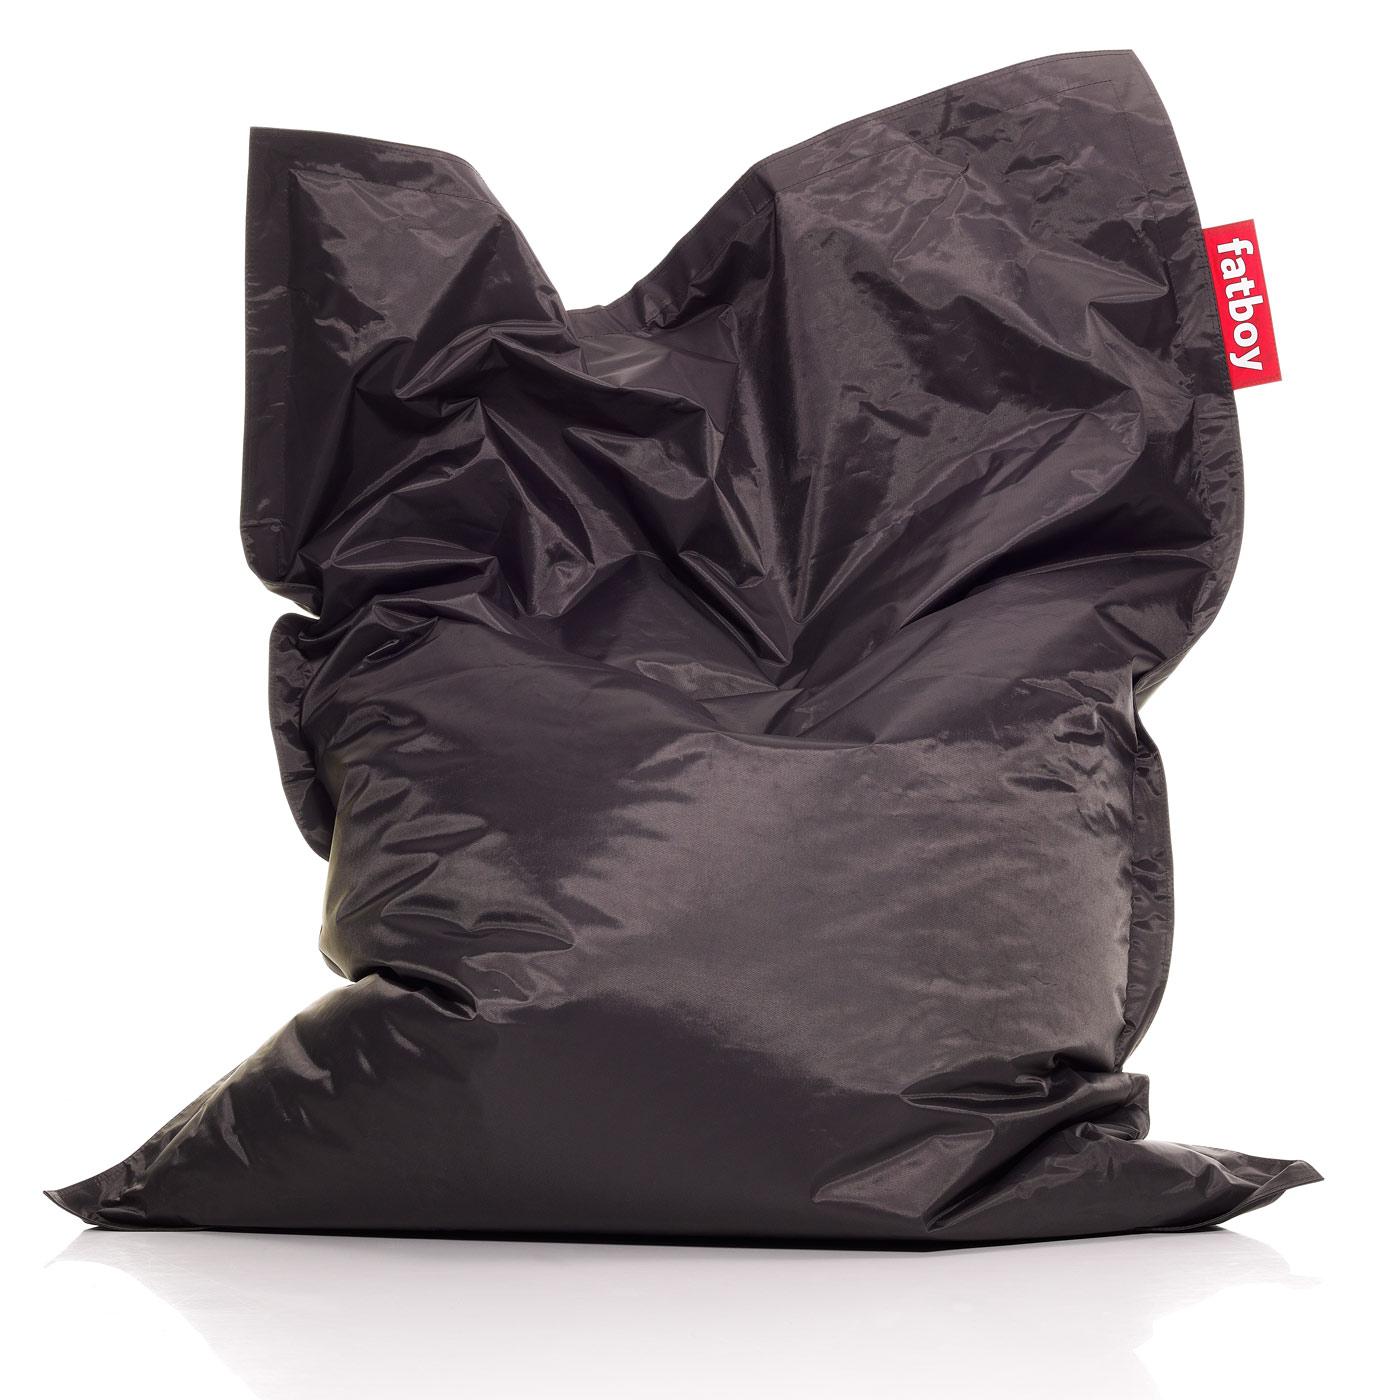 fatboy original preisvergleich. Black Bedroom Furniture Sets. Home Design Ideas